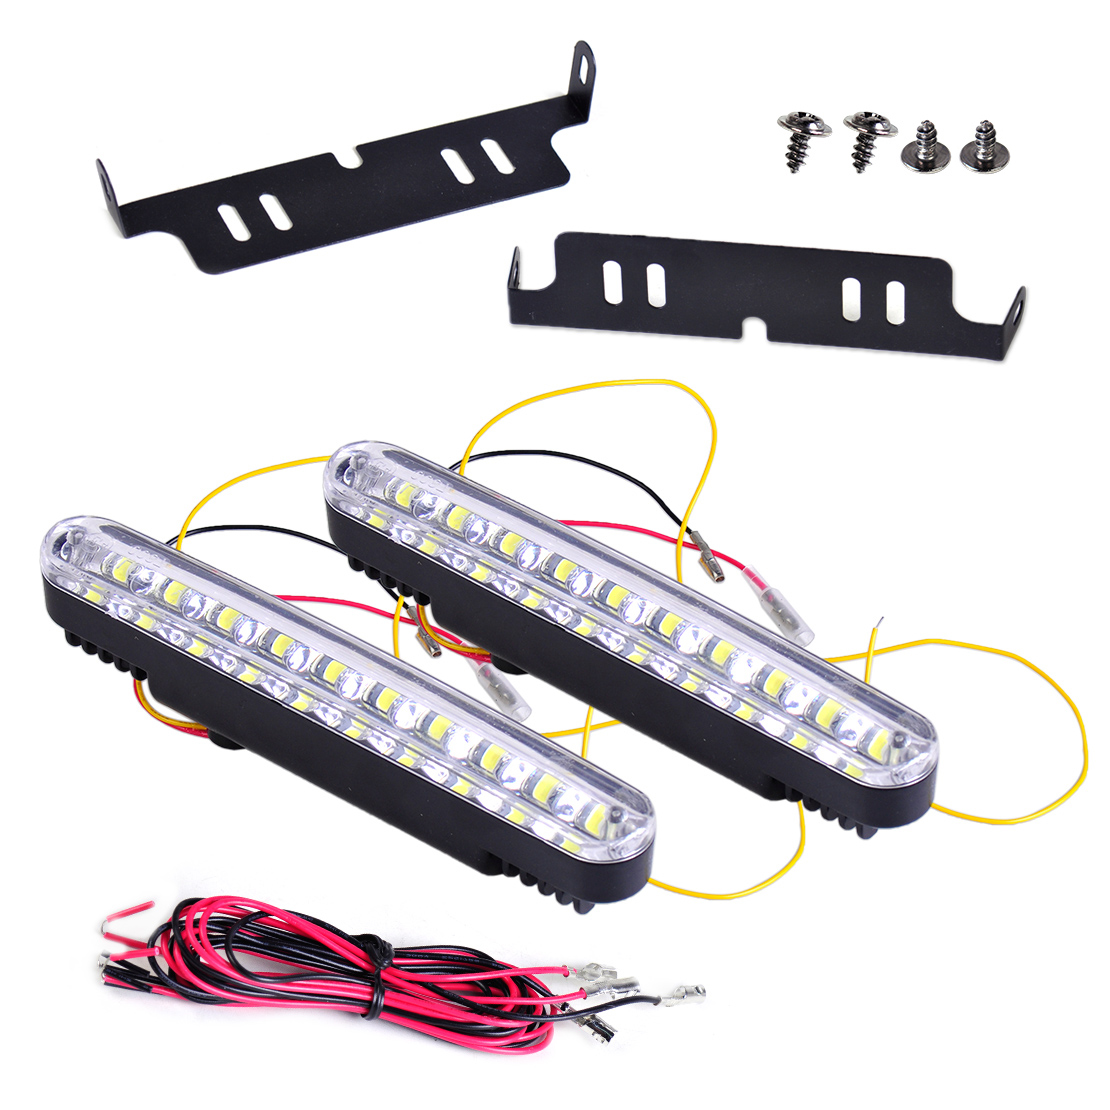 beler 2x 30 LED Car 12V Daytime Running Light DRL Driving Lamp White Amber Turn Signal Lights Fog Lamp Bright Strip Universal